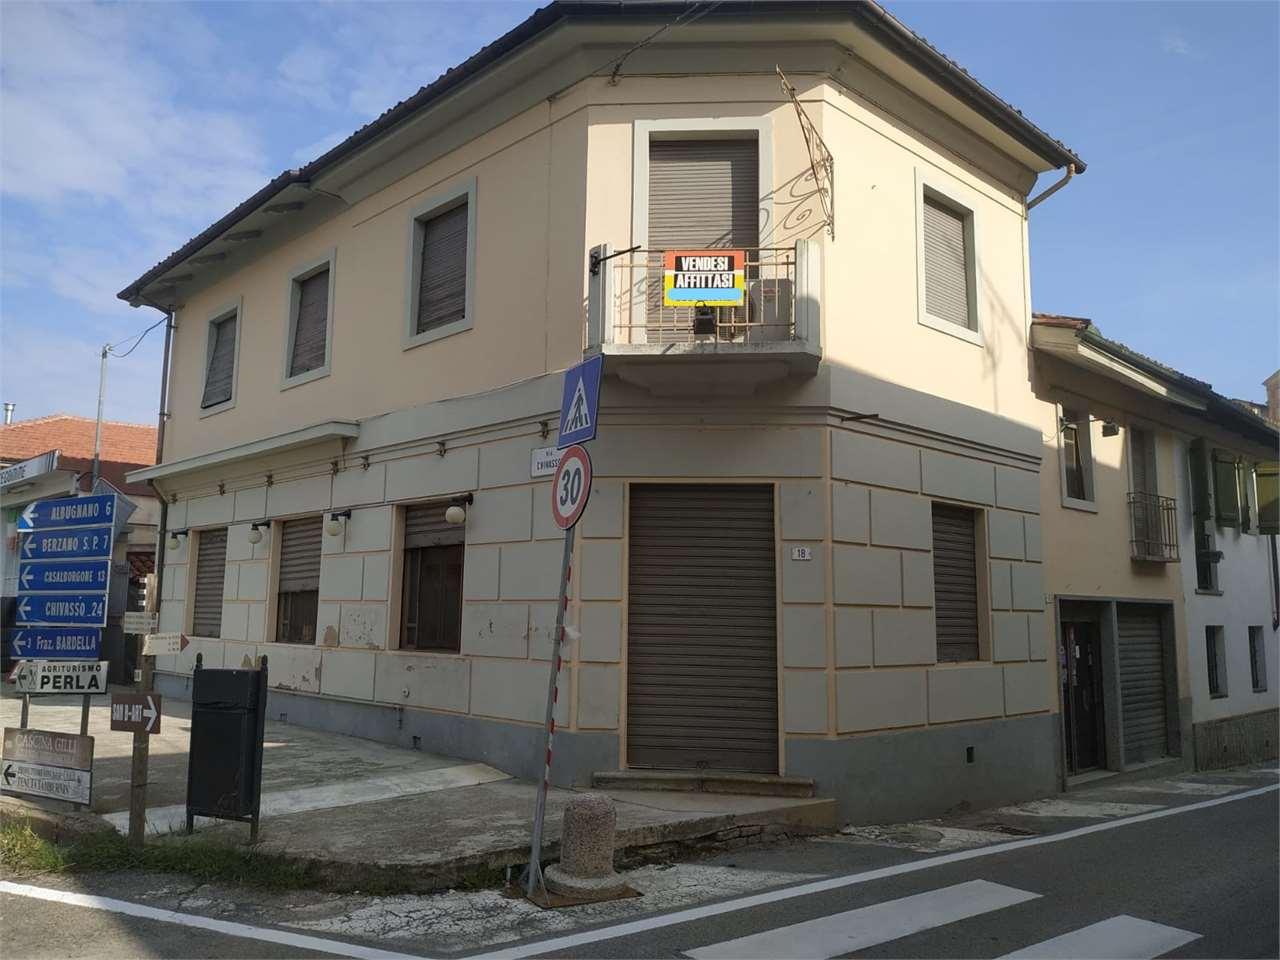 Negozio / Locale in vendita a Castelnuovo Don Bosco, 10 locali, prezzo € 209.000 | CambioCasa.it